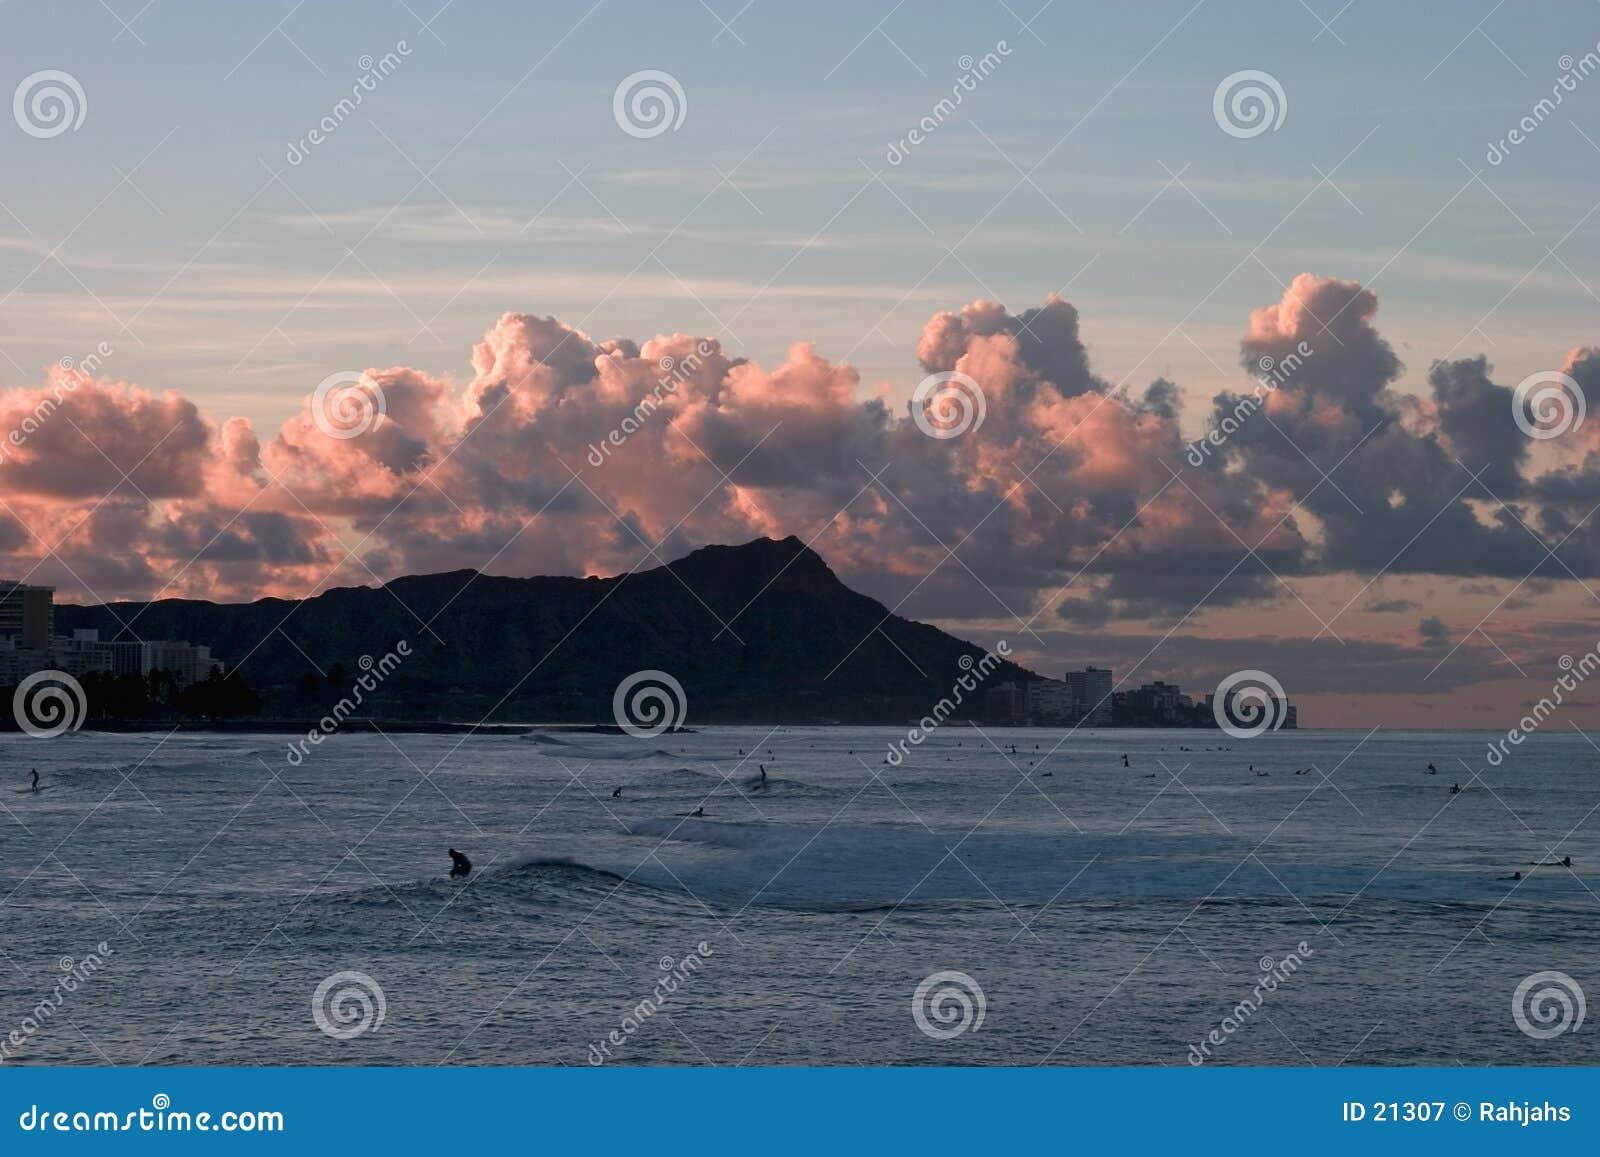 Sunrise at Diamond Head